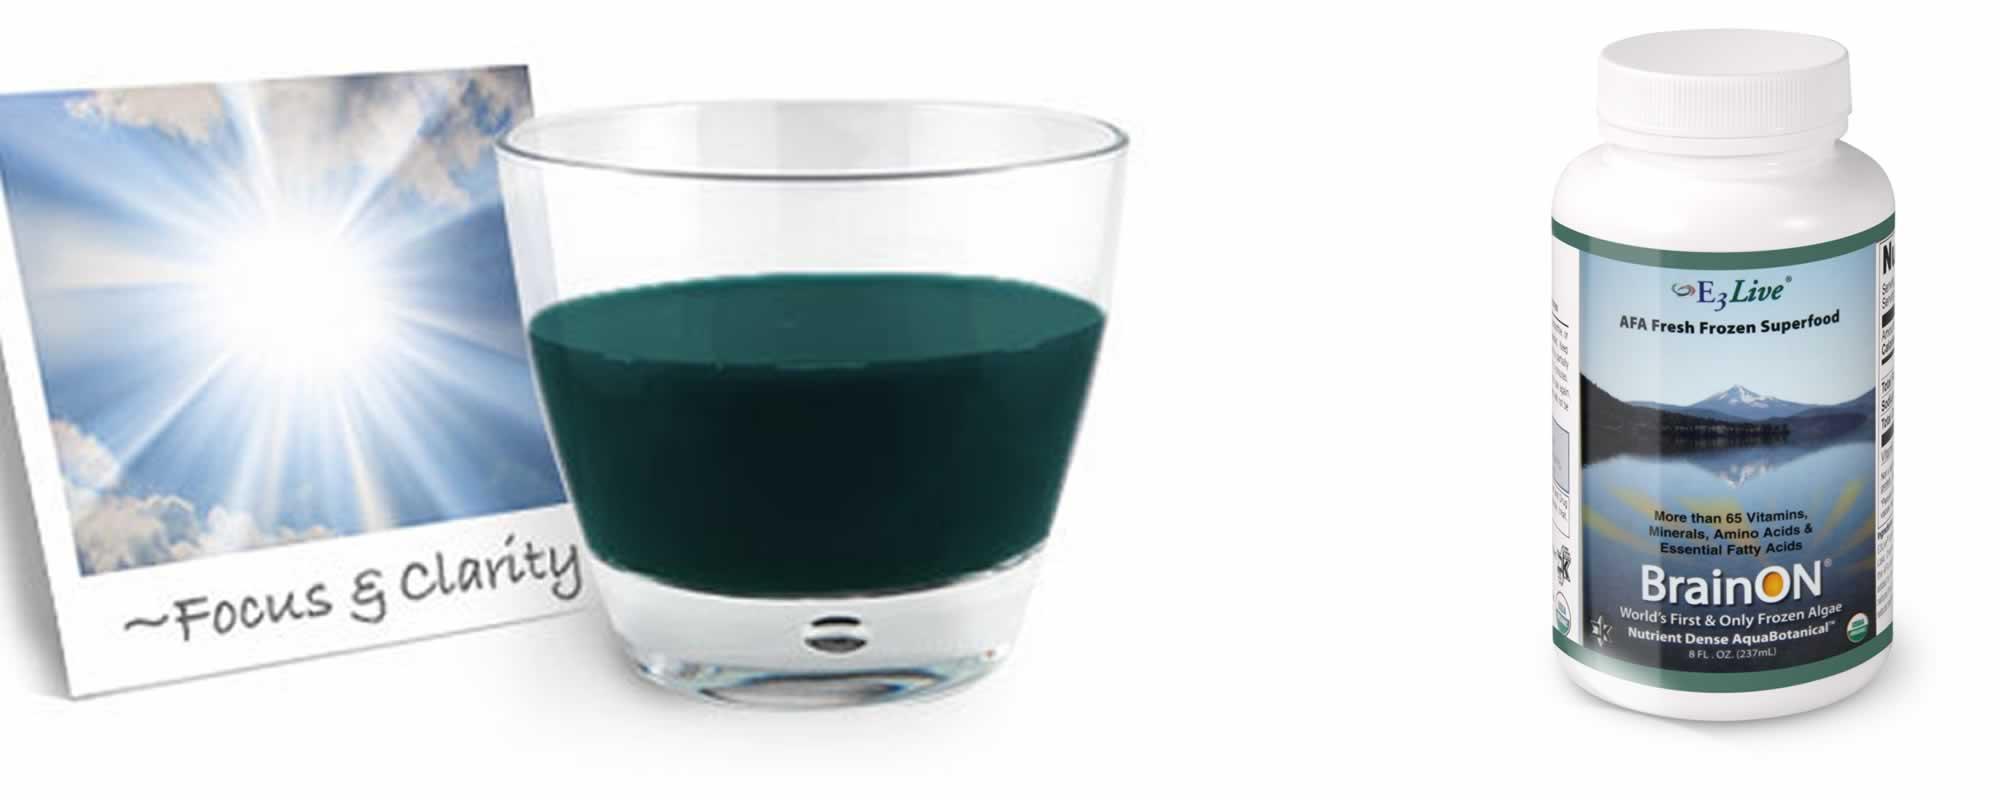 E3Live - Blue Green Algae